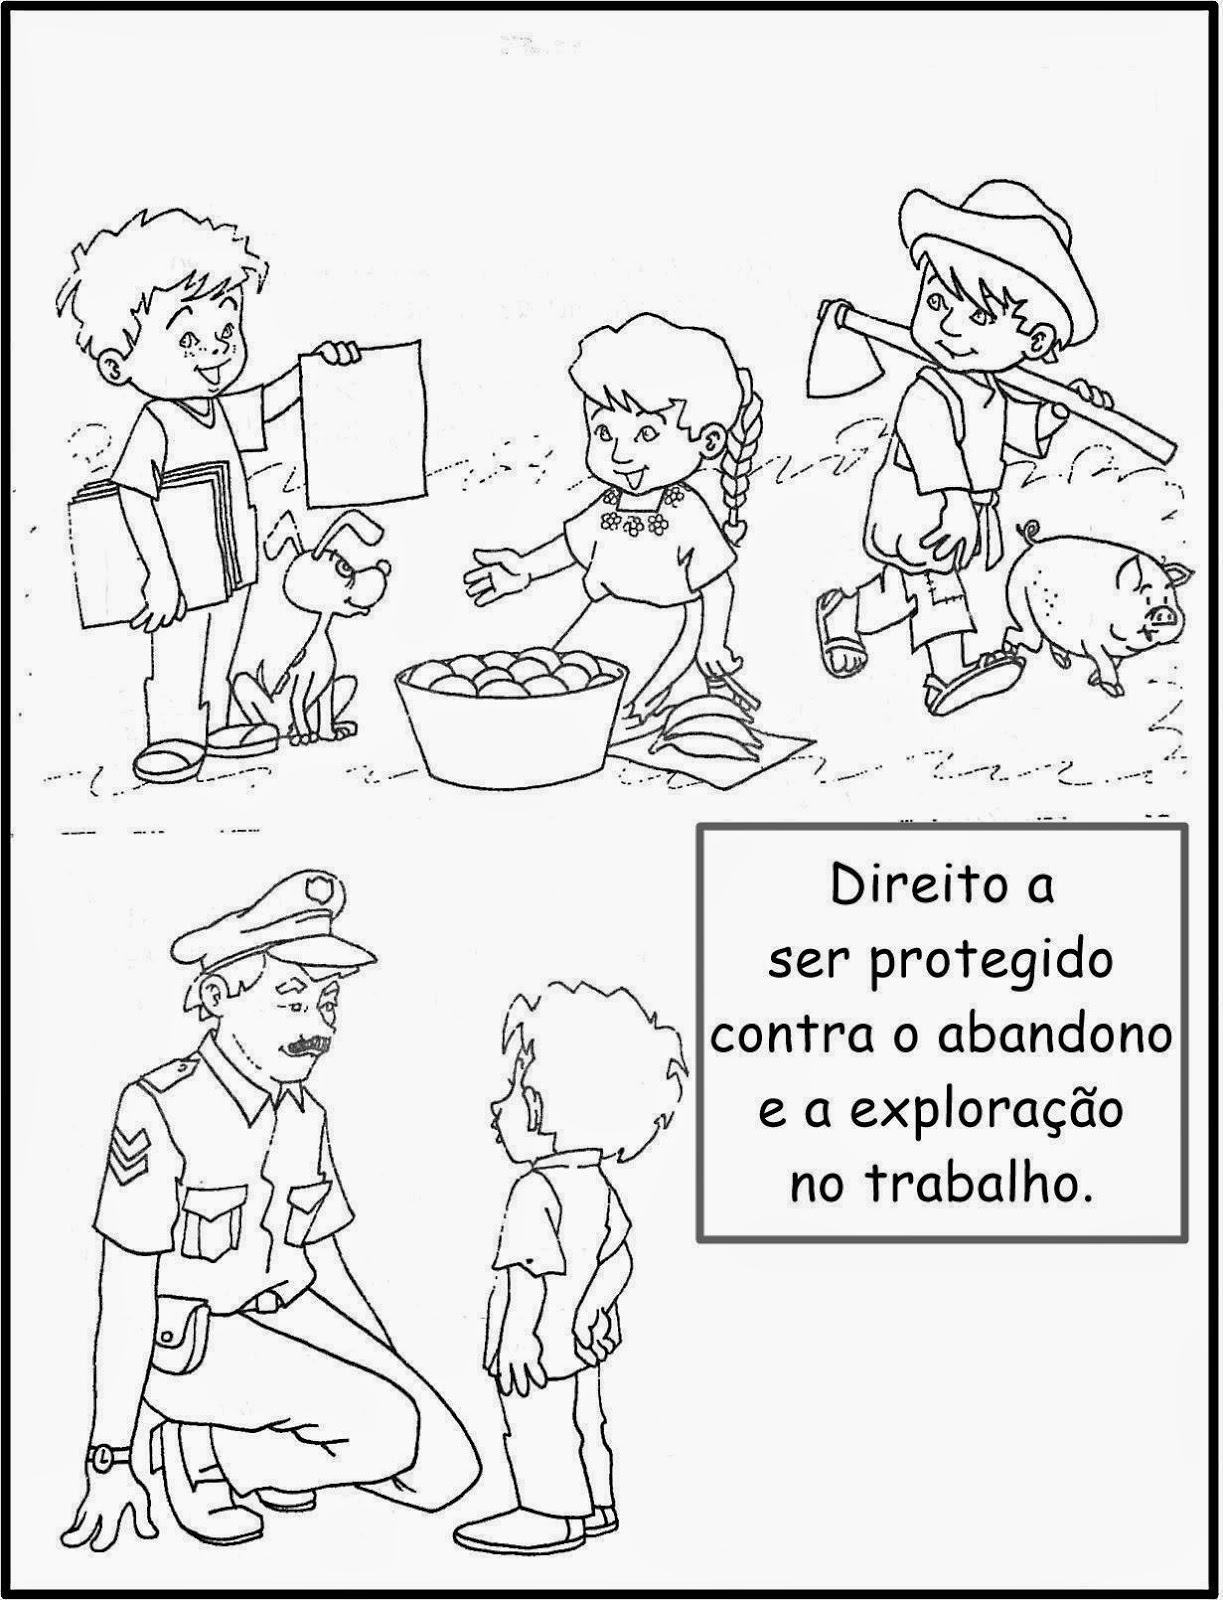 dia das crianças atividades escolares (6)